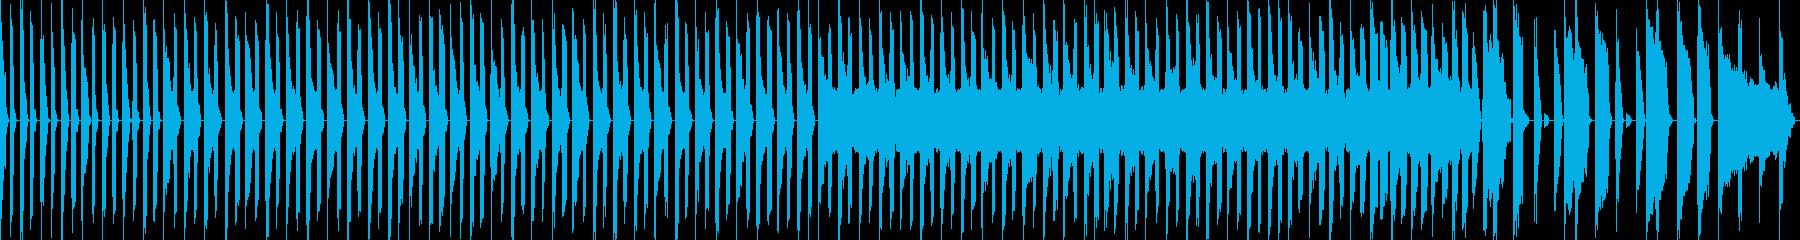 チップチューン風の行進曲の再生済みの波形